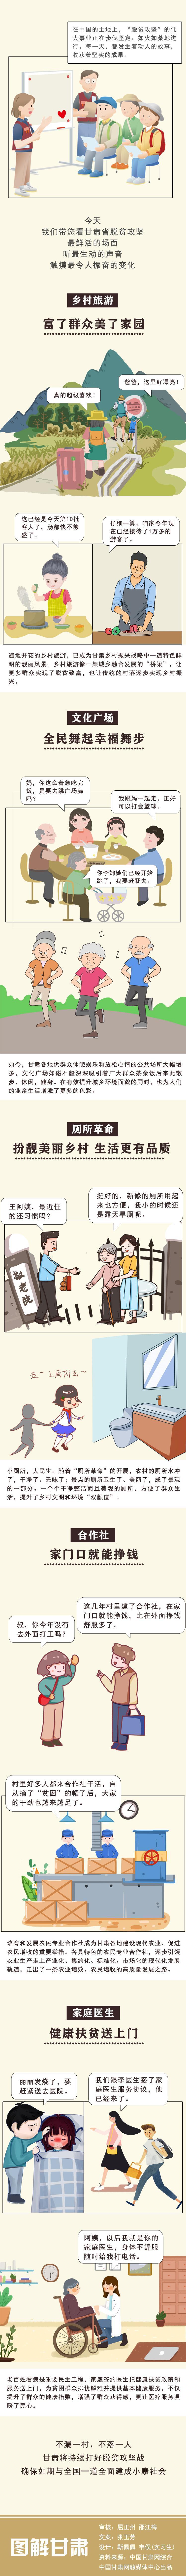 长图|五个场景看甘肃脱贫